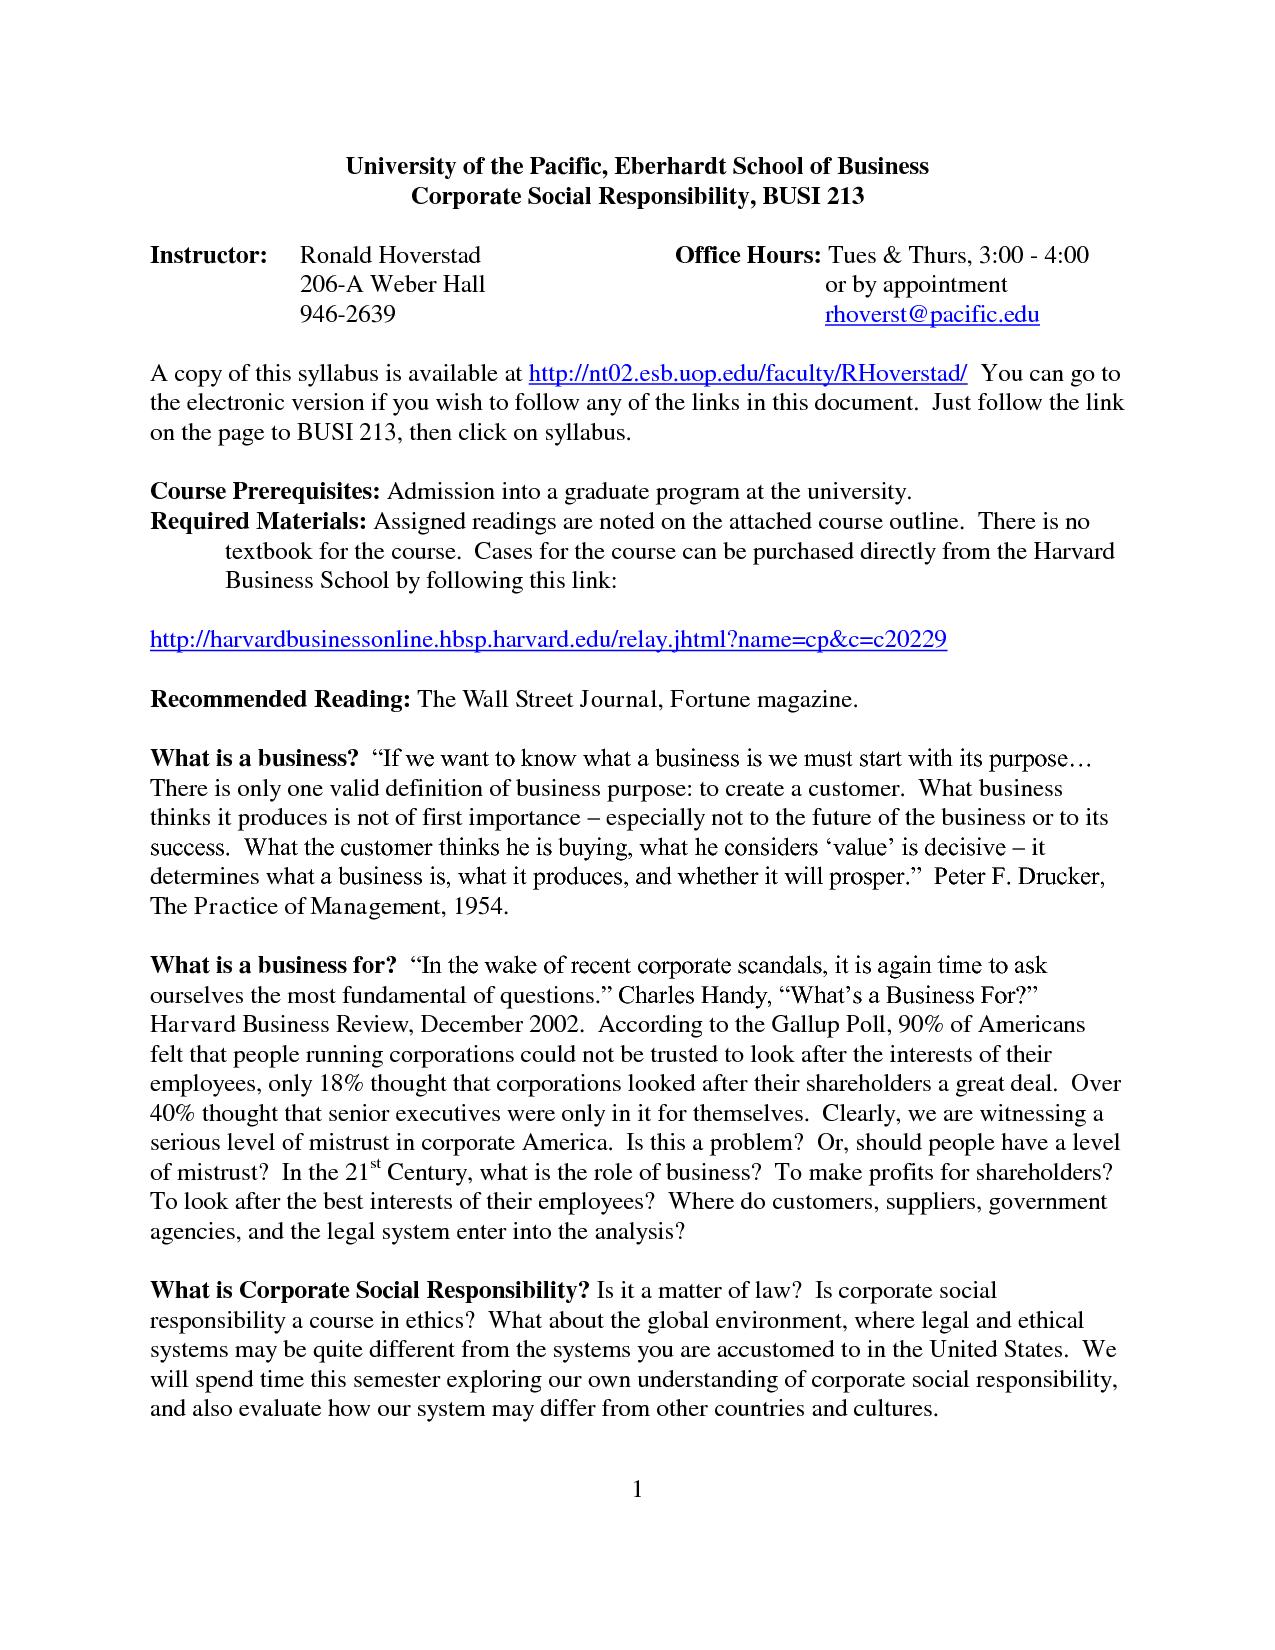 Cover Letter Template Harvard Coverlettertemplate